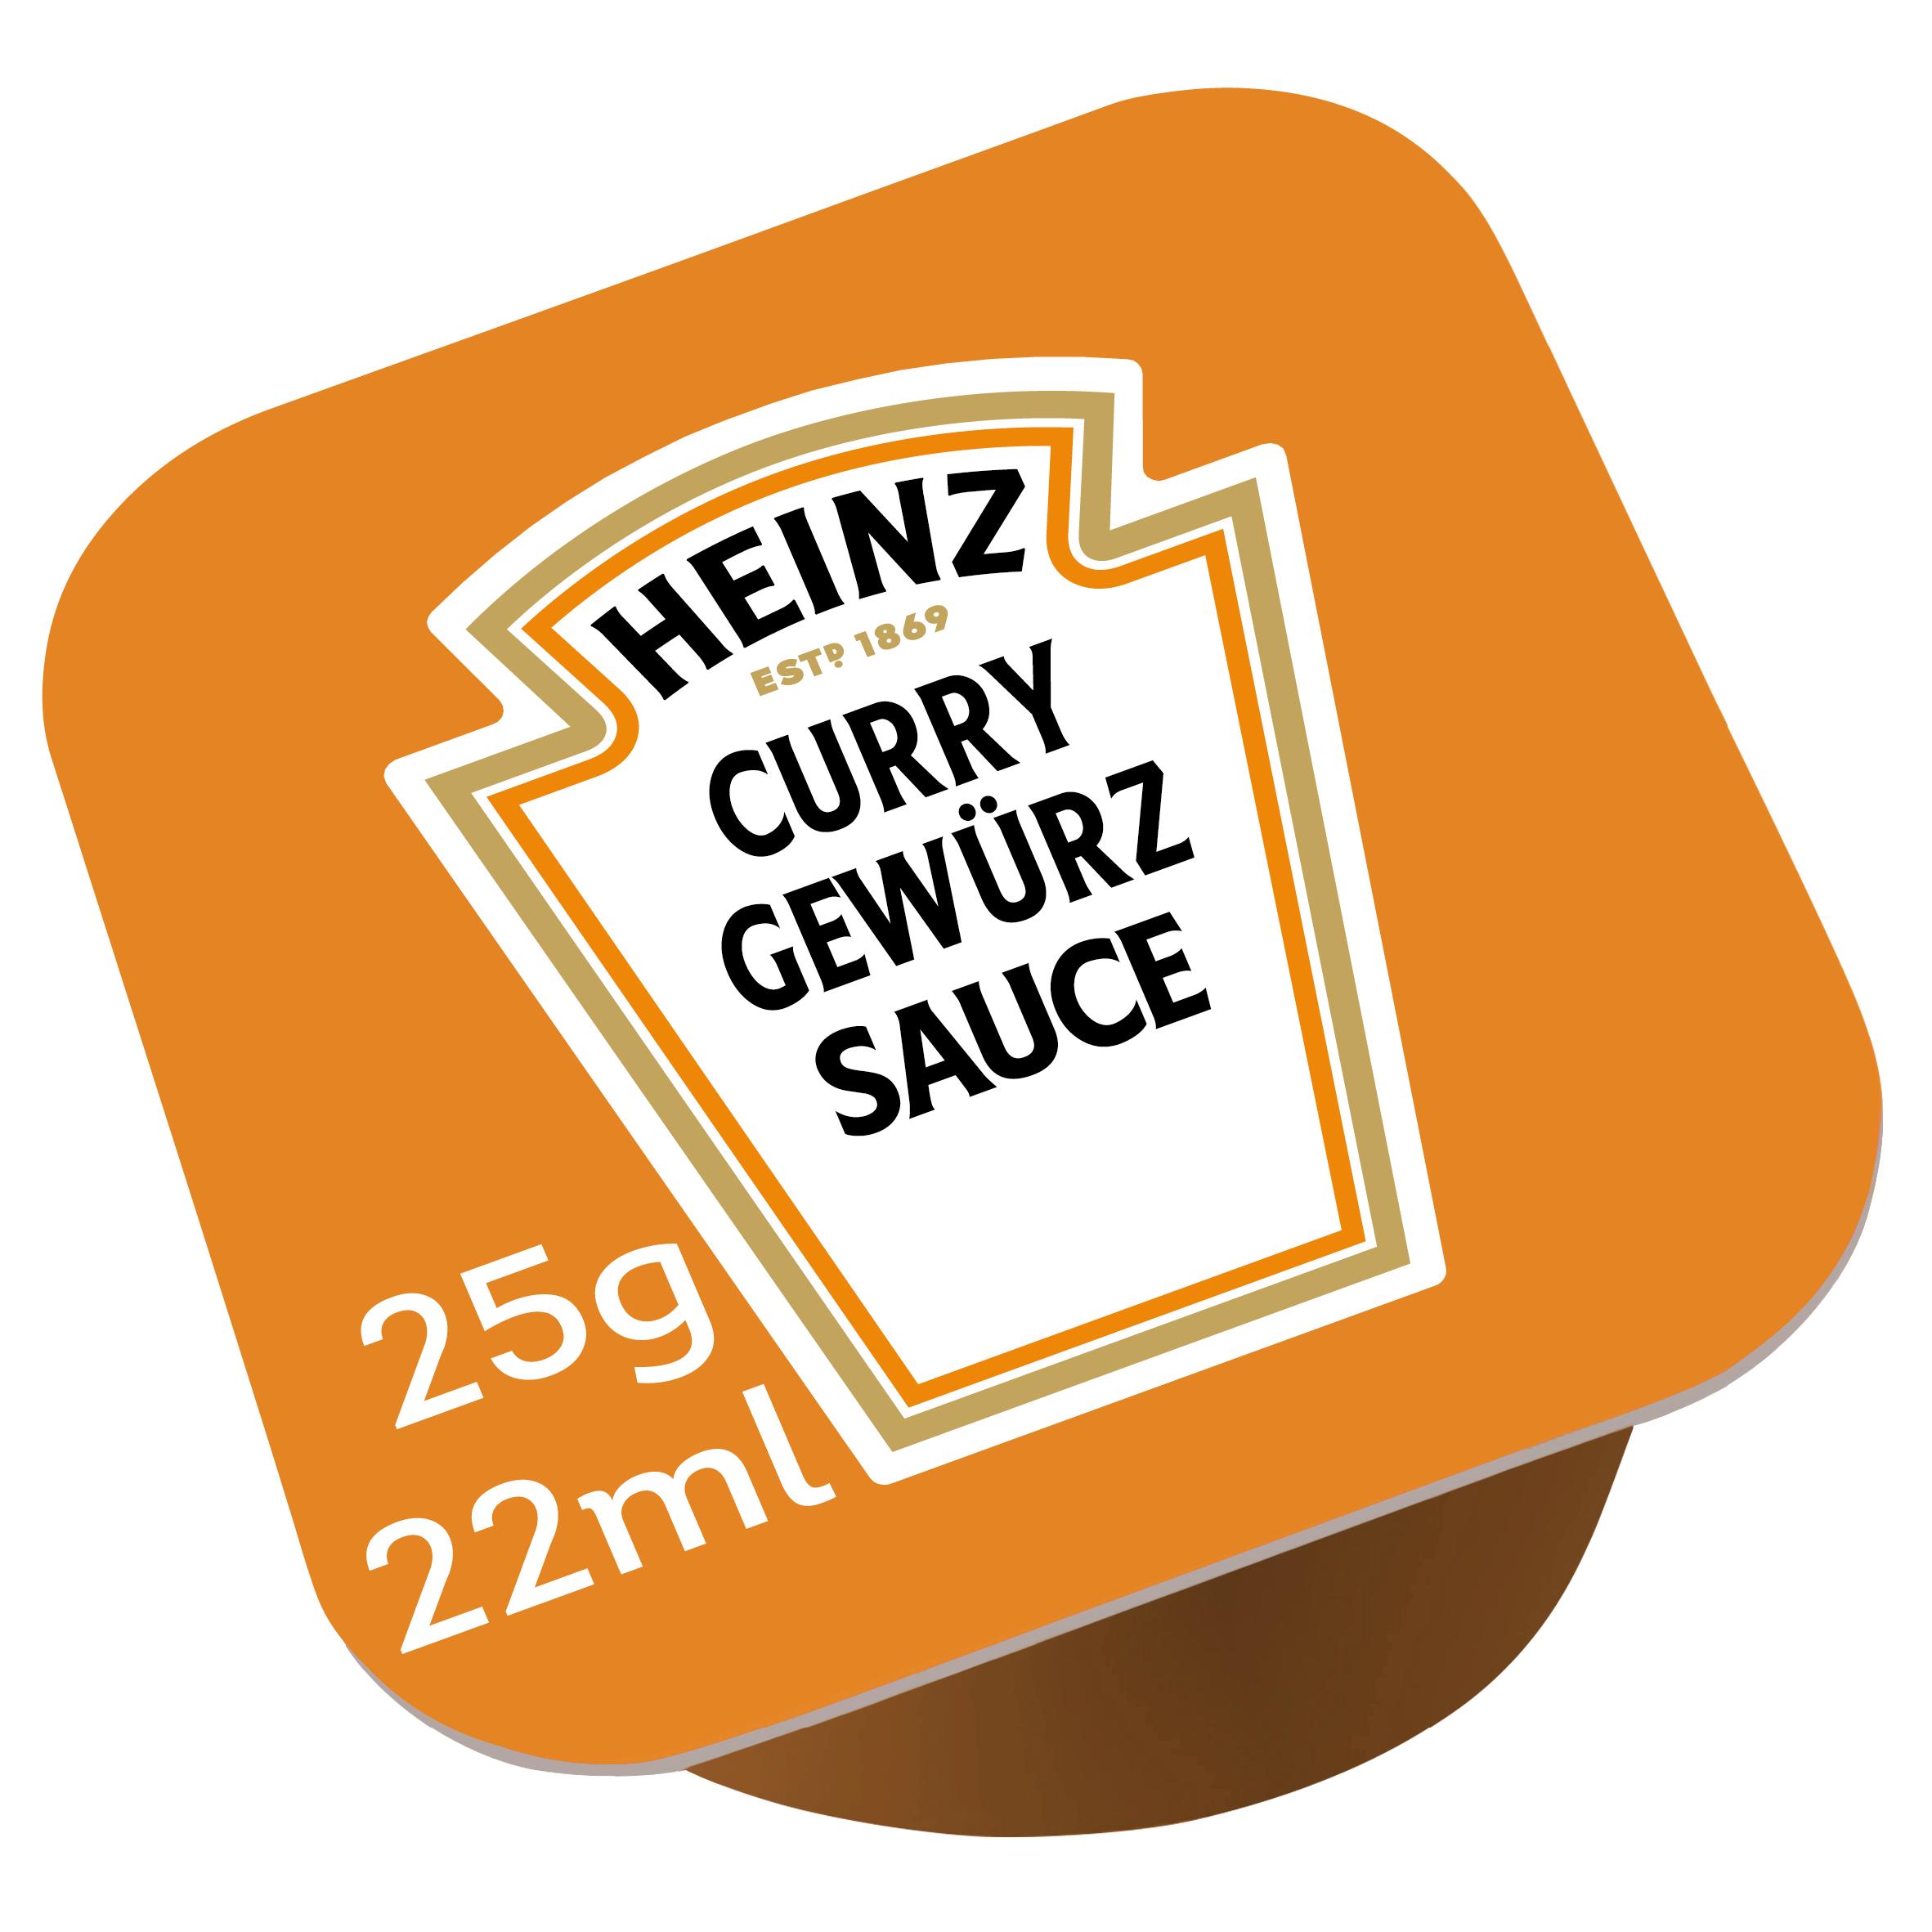 Heinz Curry Gewurz 25ml dippot image